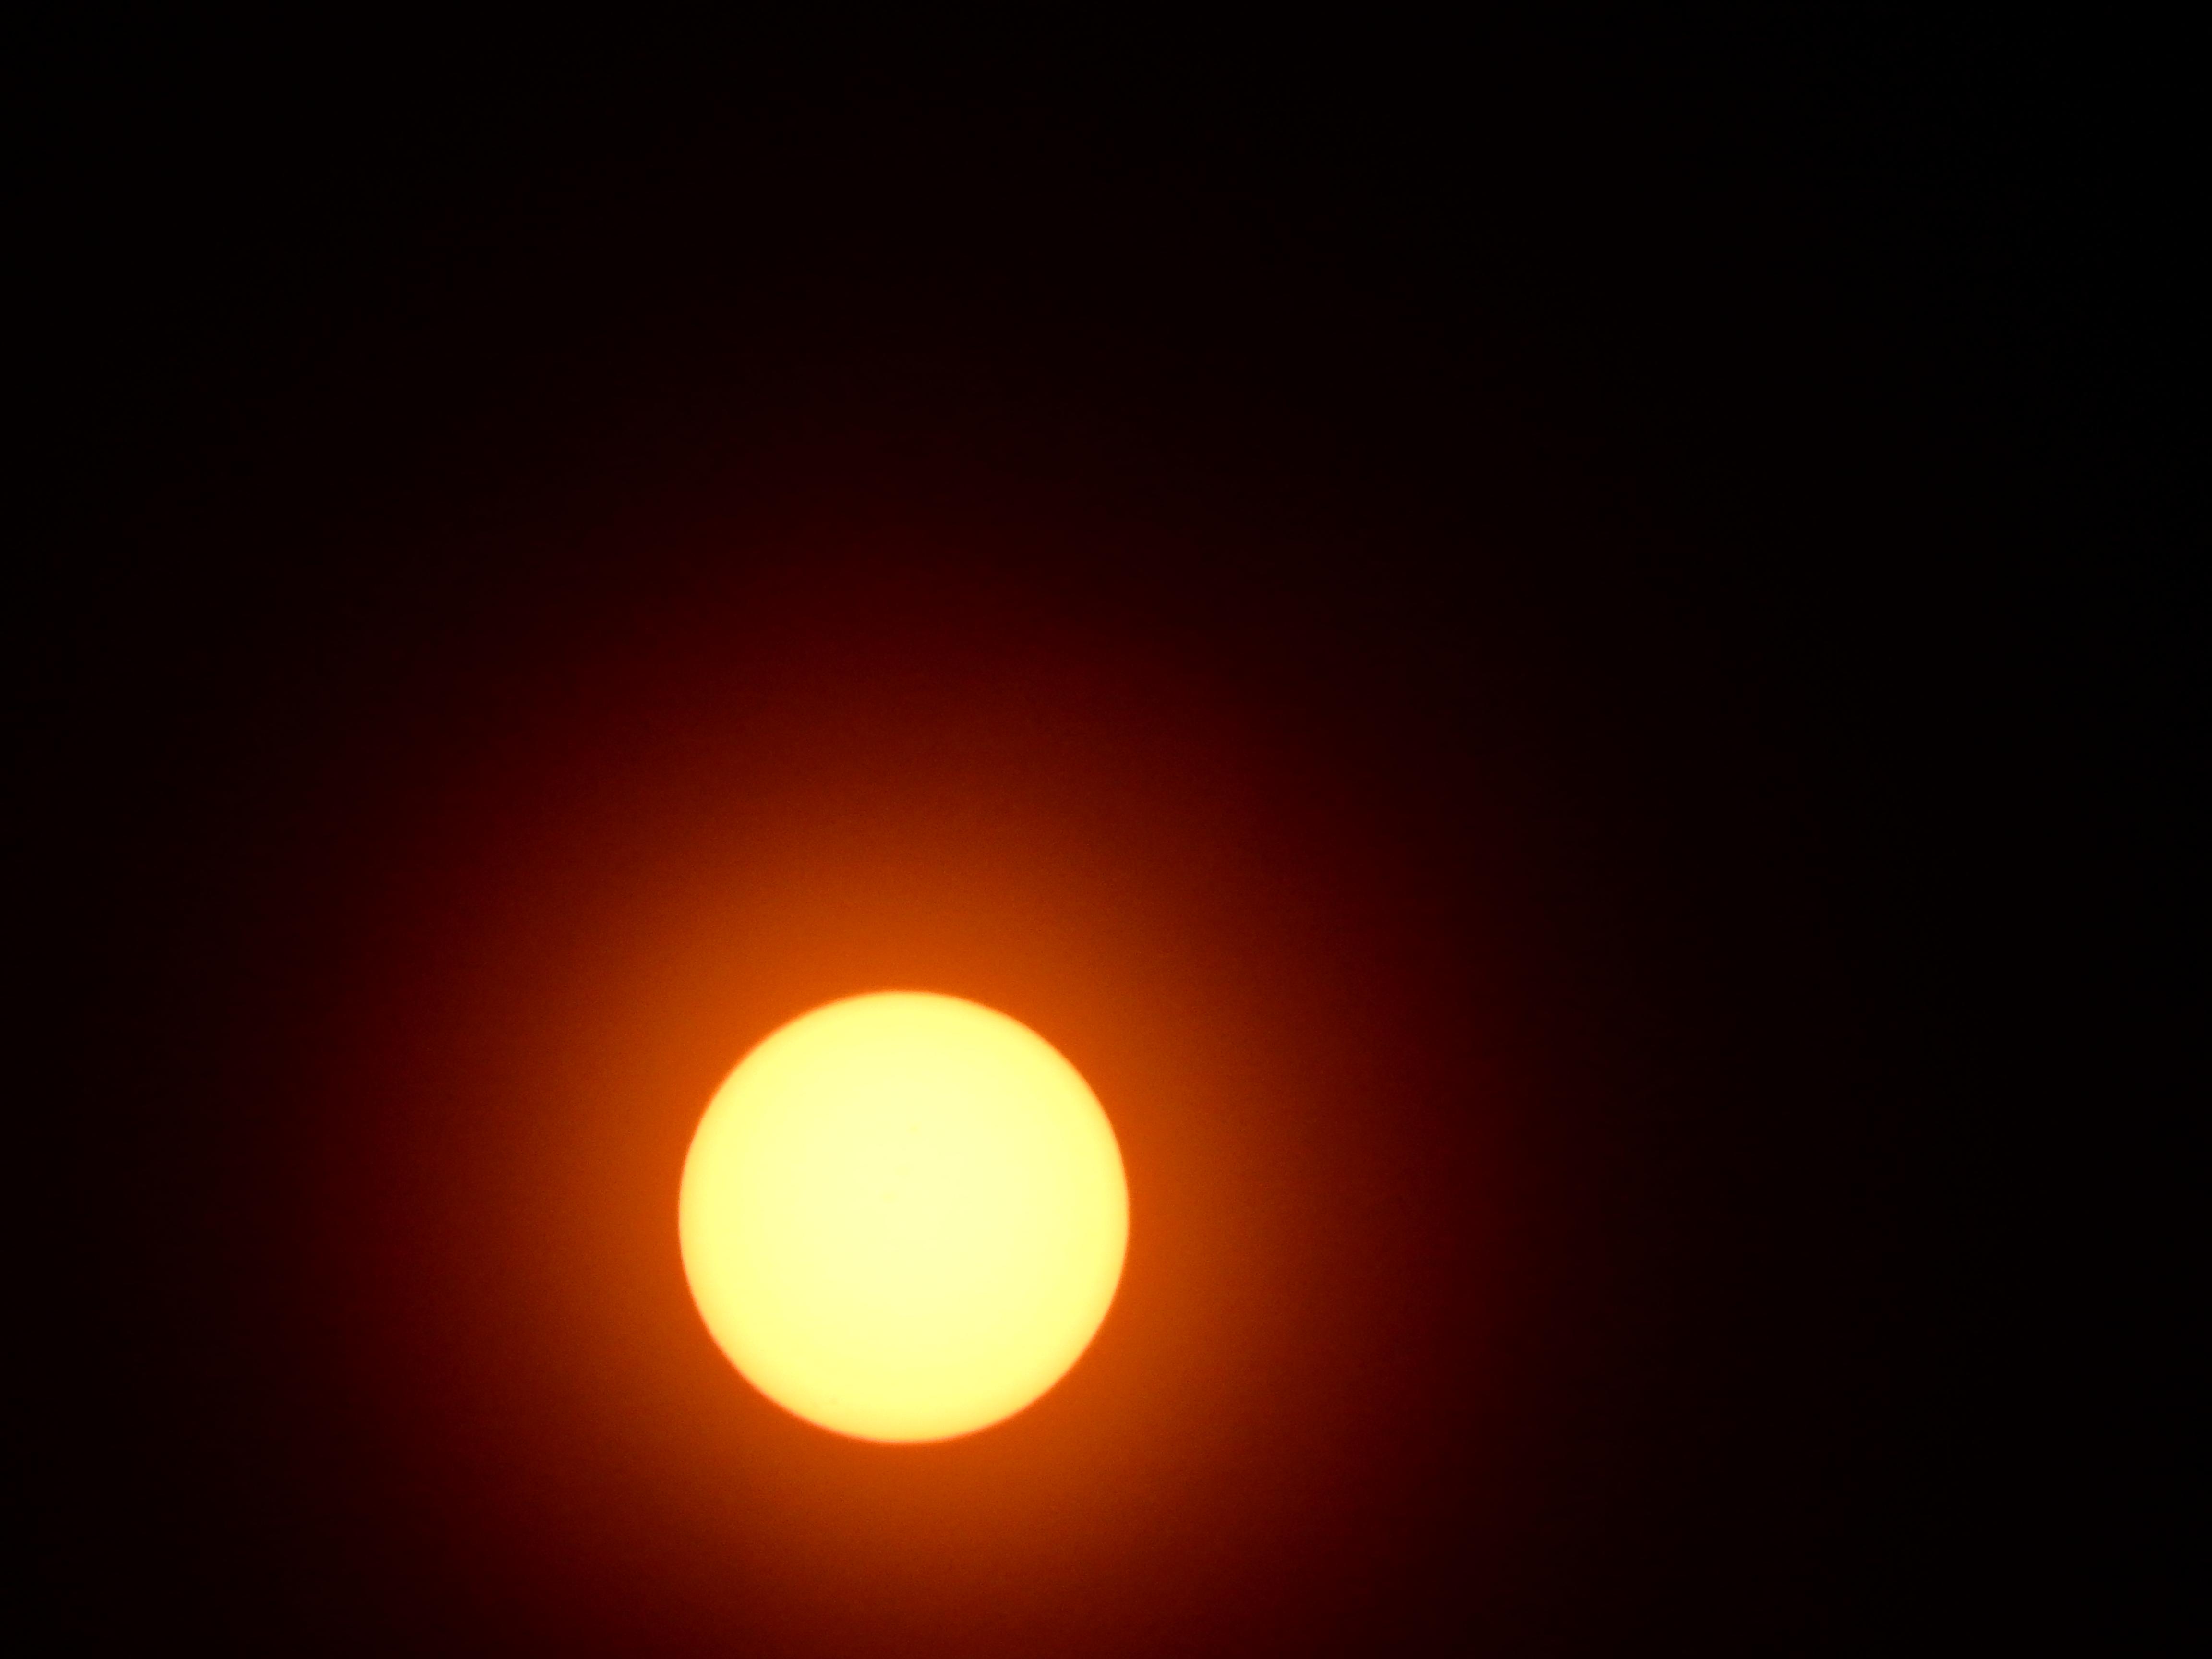 Full sun, solar filter installed.Full sun, solar filter installed.